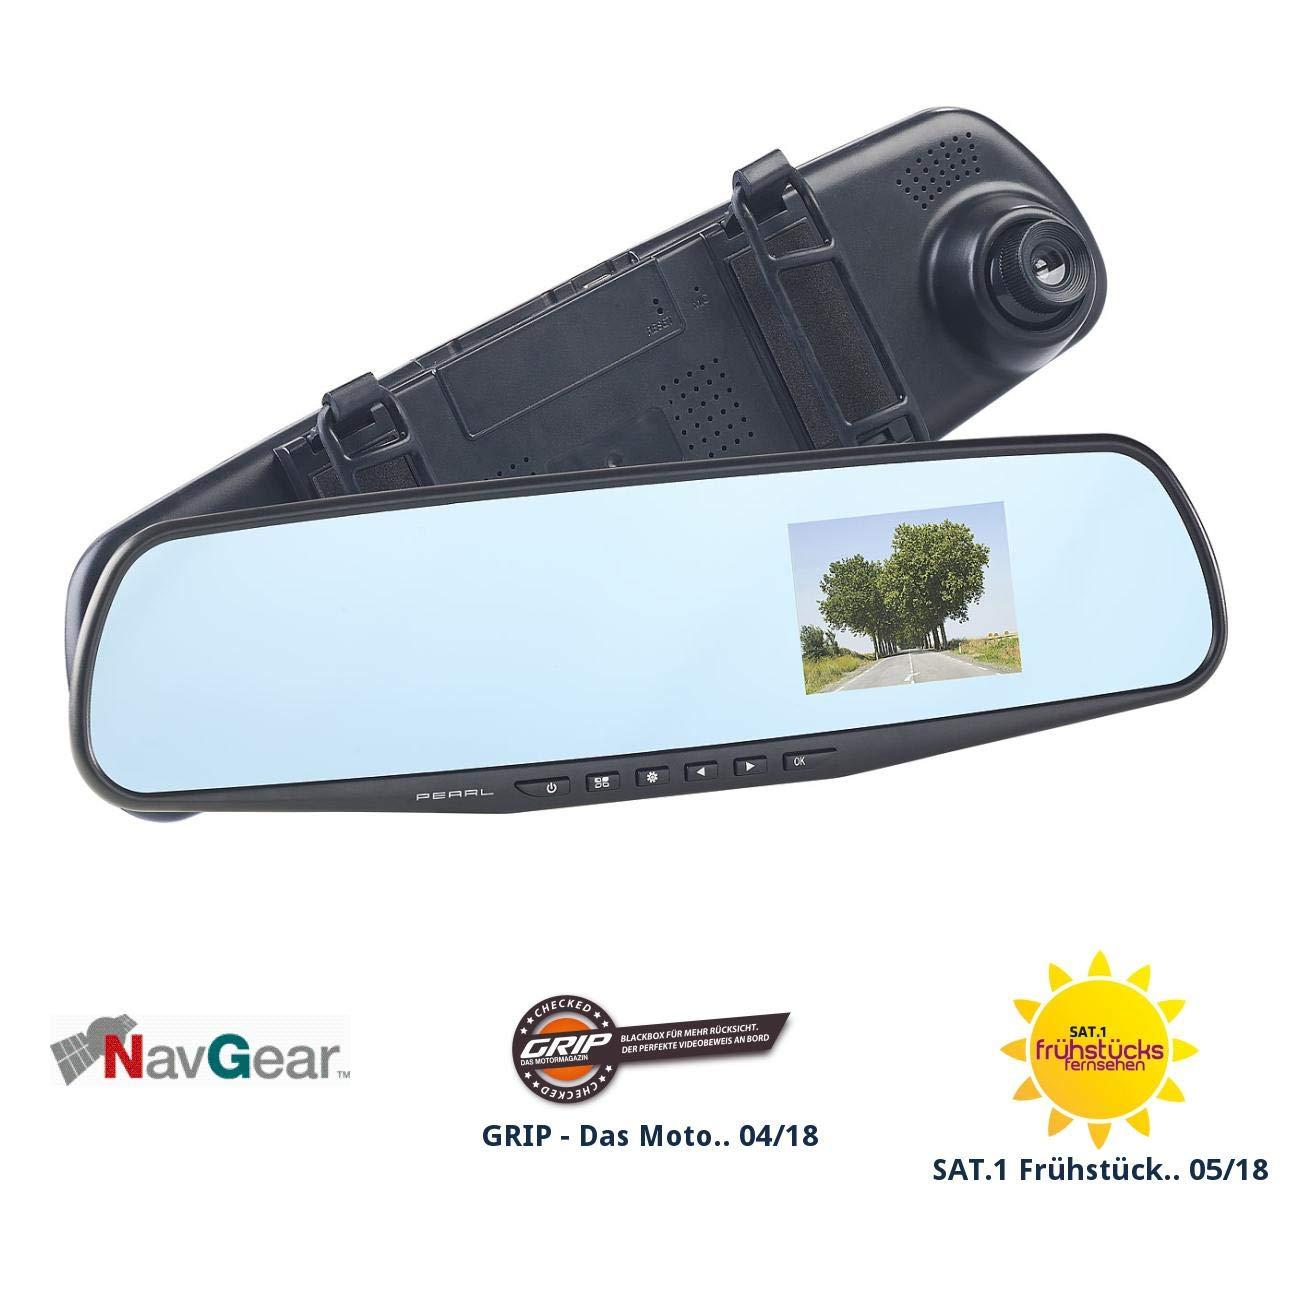 NavGear Autospiegel: Rü ckspiegel-Dashcam mit Bewegungserkennung und 7, 1-cm-Display (2, 8') (HD Rü ckspiegel Dashcams) 8) (HD Rü ckspiegel Dashcams)